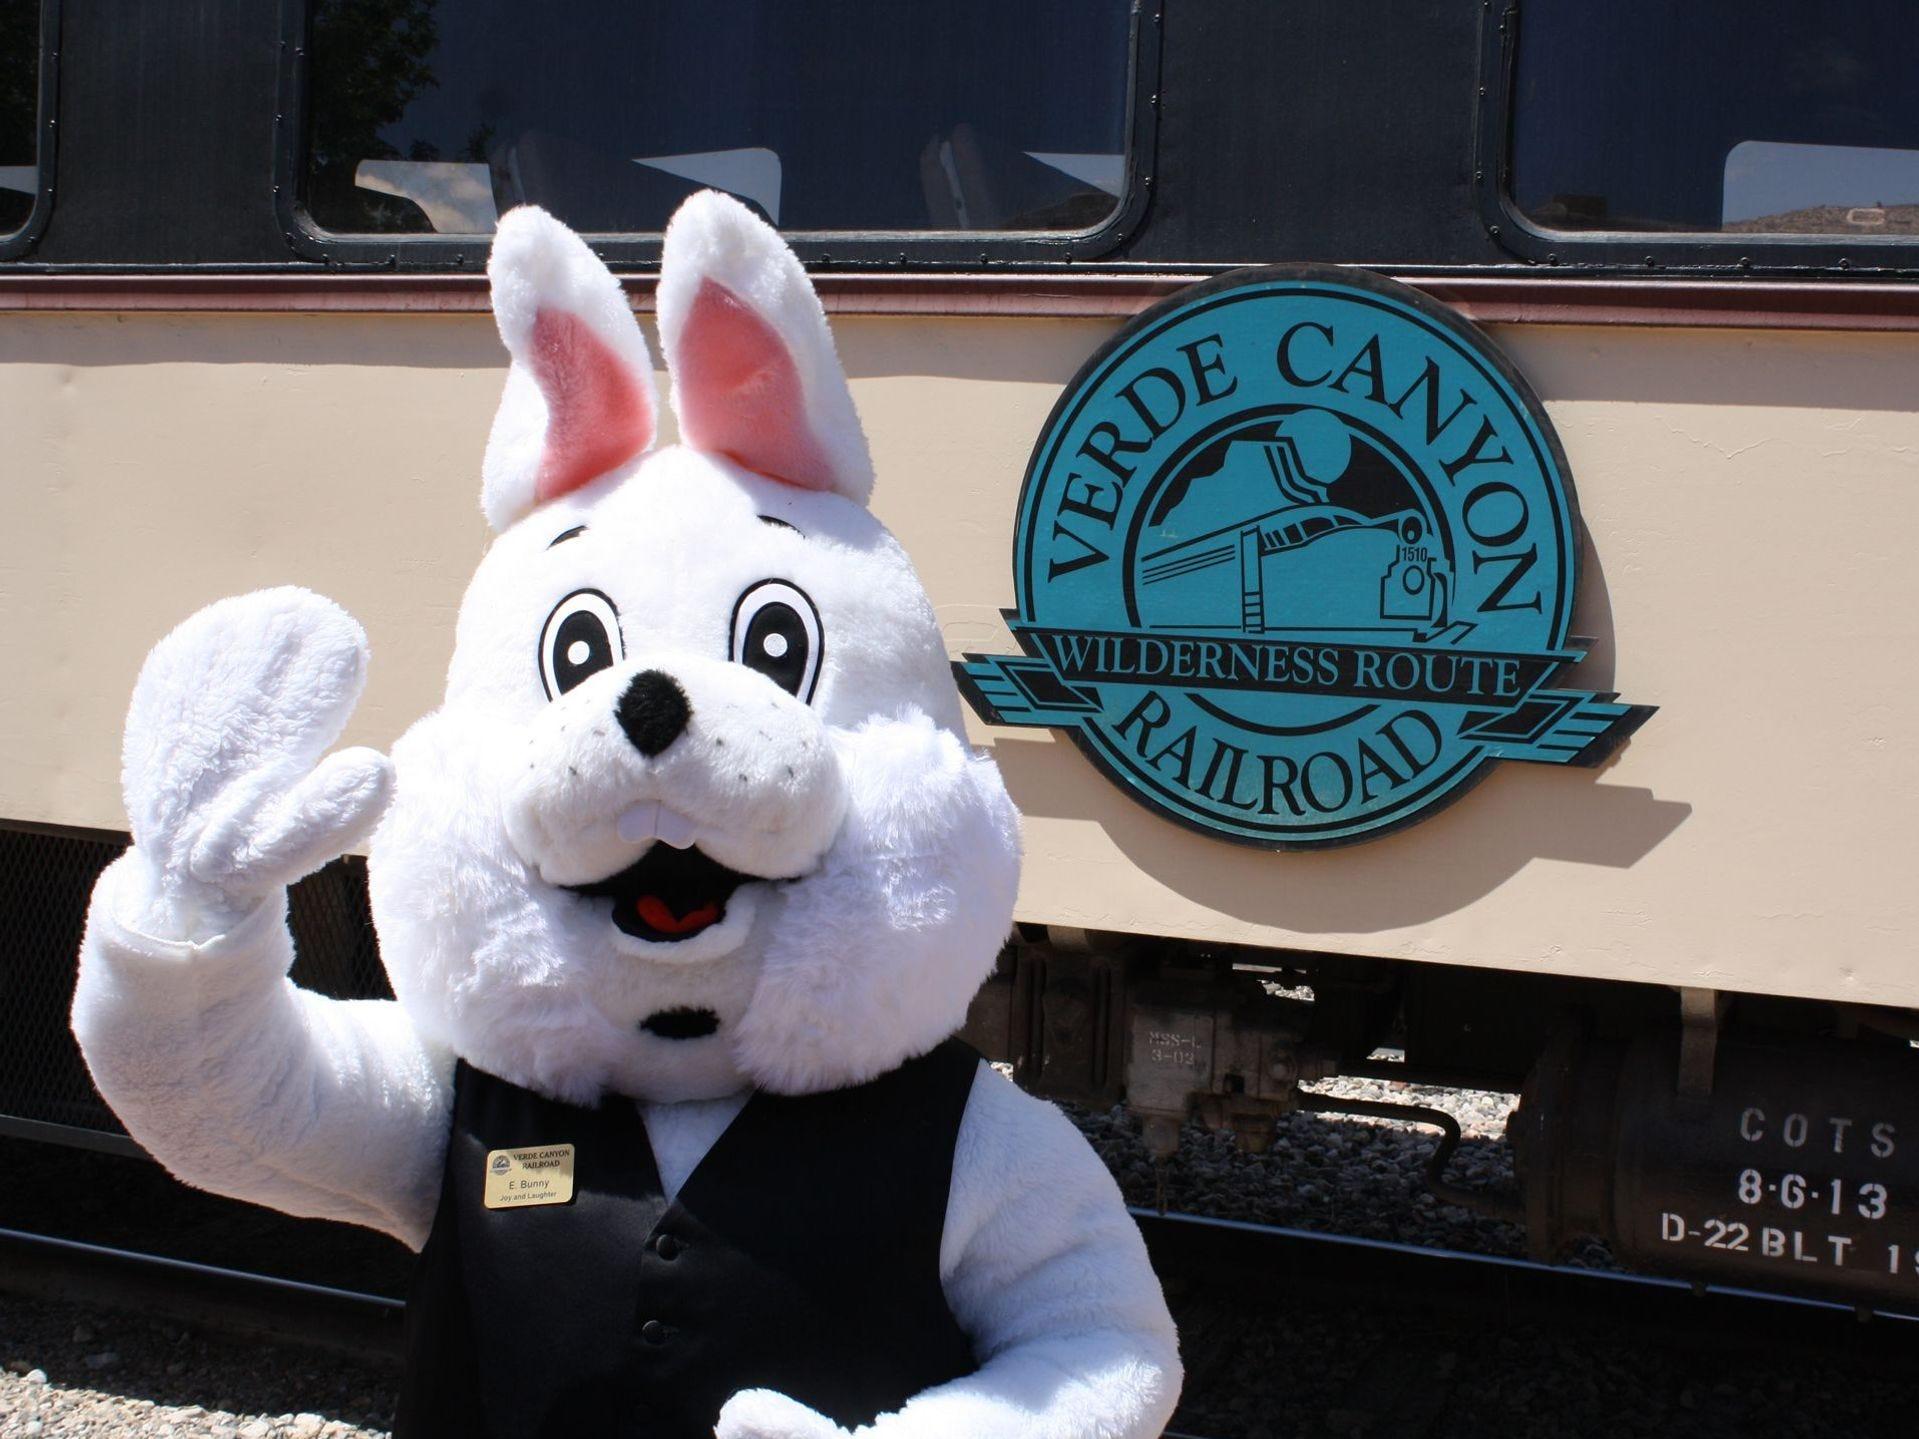 Celebre la Pascua tomando un paseo en el especial Bunny Express del Verde Canyon Railroad.